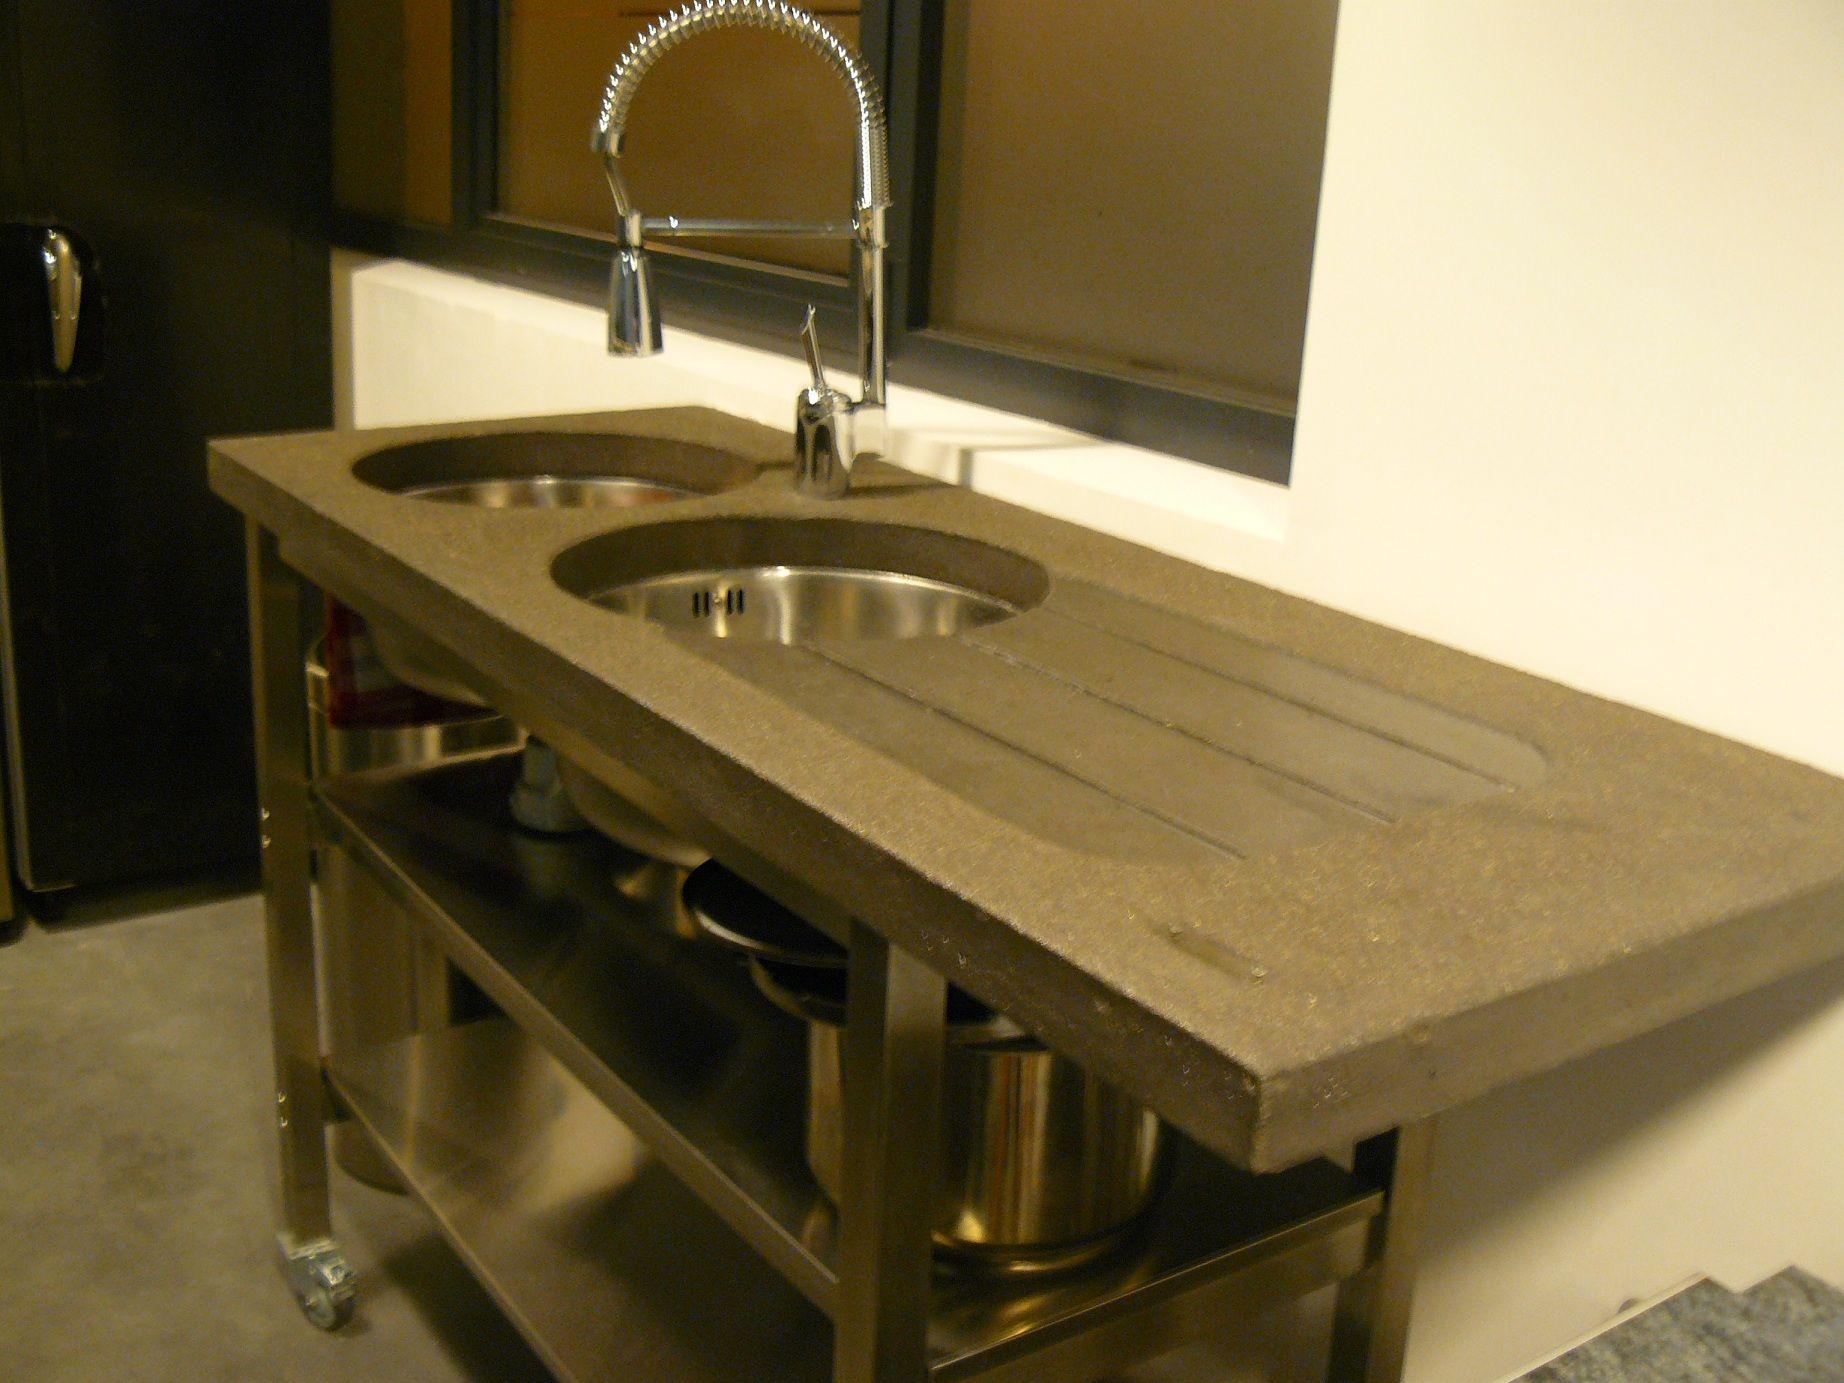 eviers de cuisine en b ton plein sur un chariot tout inox sinks of kitchen out of full. Black Bedroom Furniture Sets. Home Design Ideas